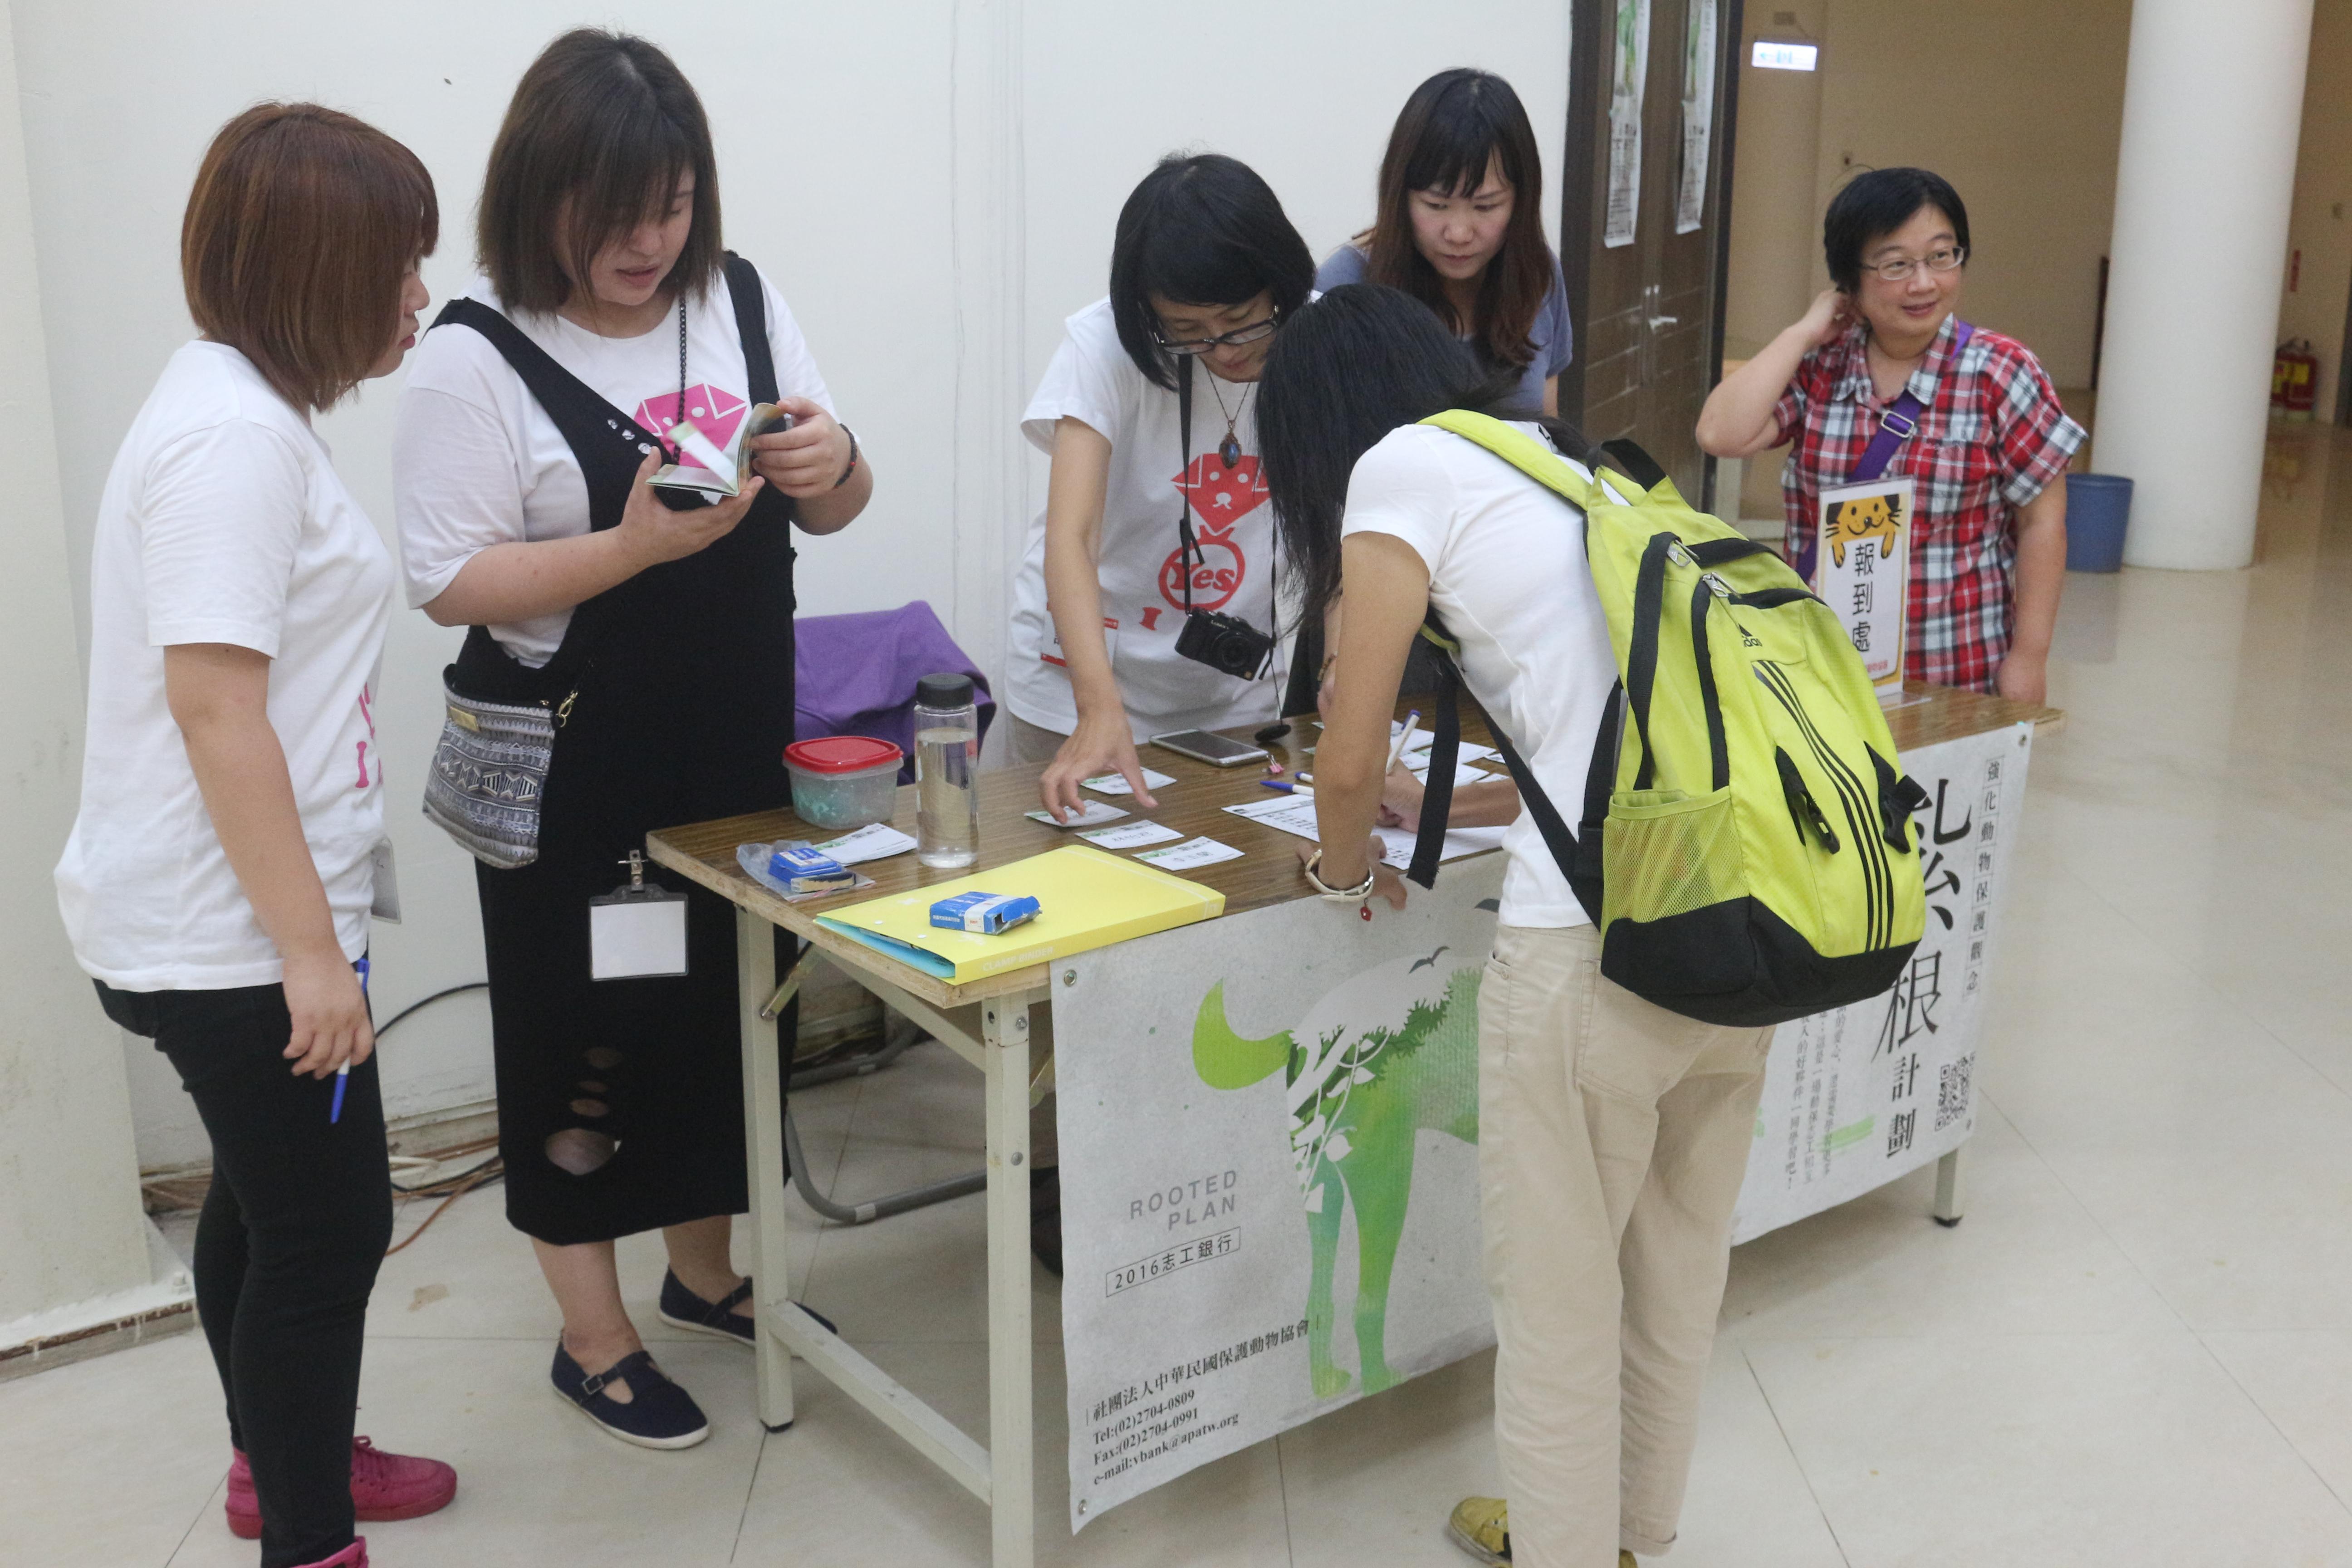 中華民國動物保護協會舉行動物保護觀念紮根計畫活動 攝影/吳冠輝